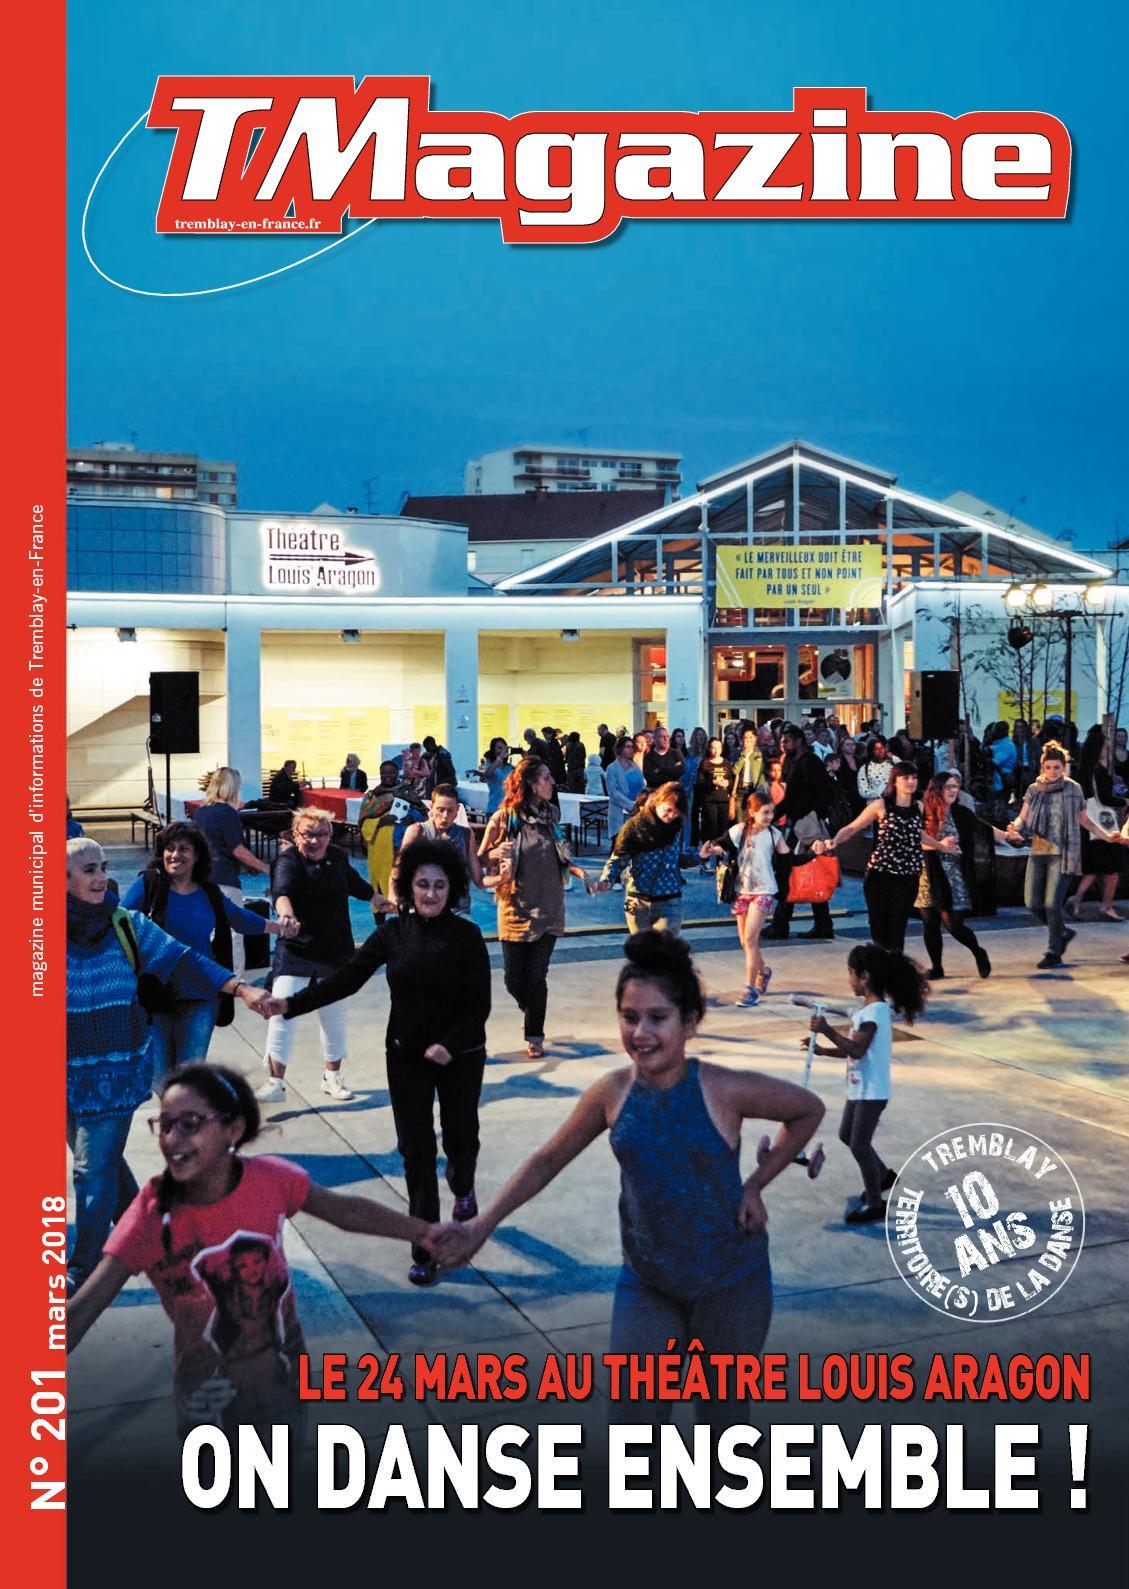 Calaméo - Tremblay Magazine N°201 - Mars 2018 45a6449b6a76